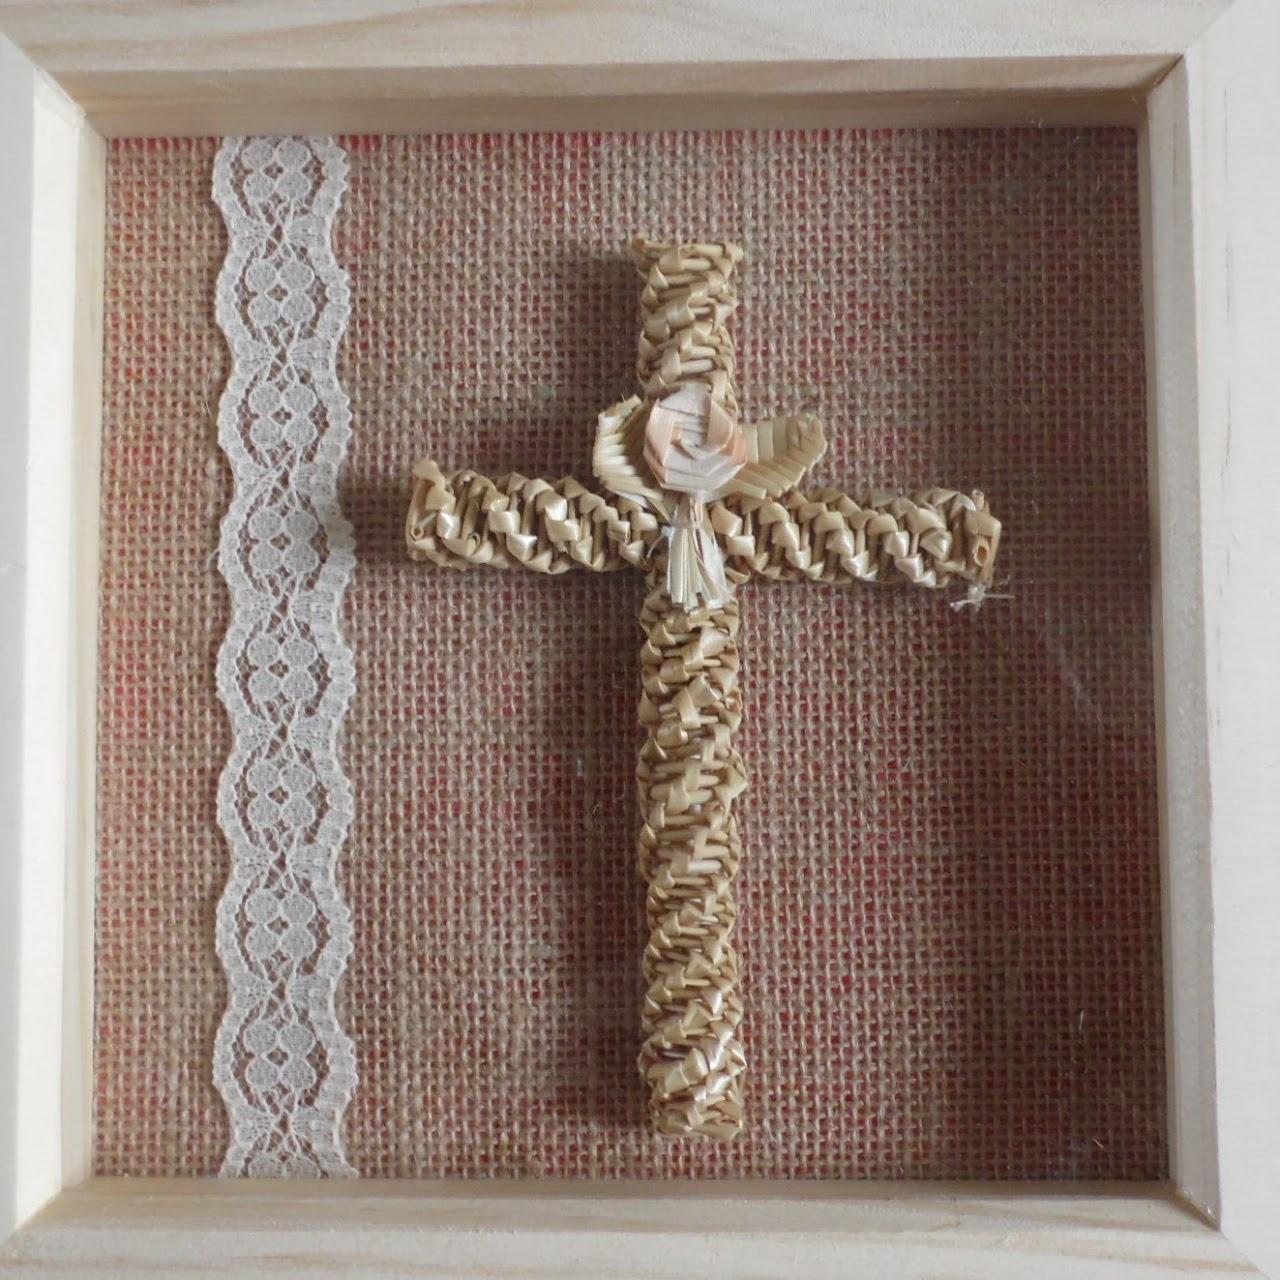 Vintage style framed cross